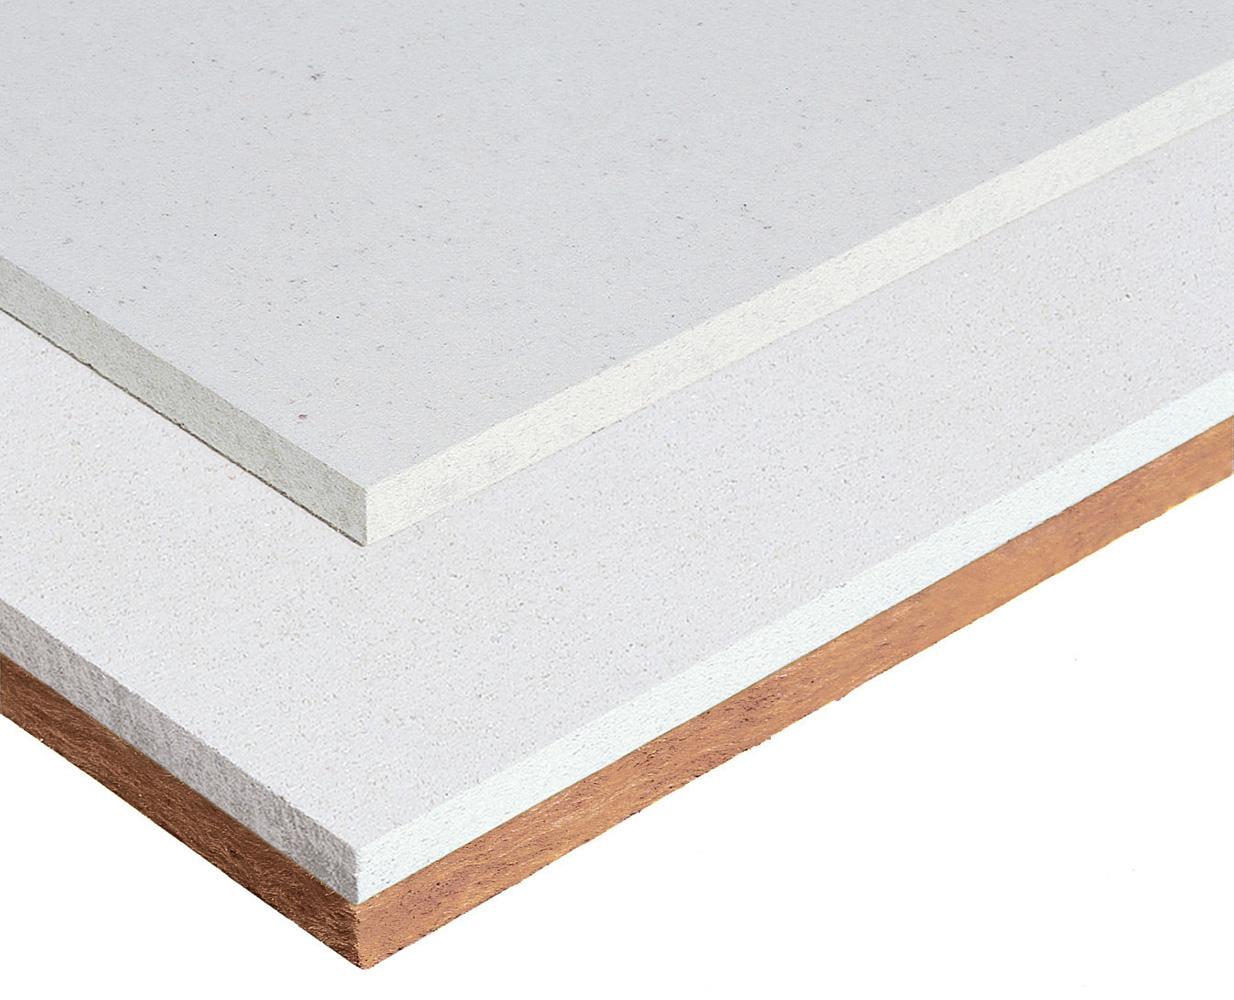 Podlahová sádrovláknitá deska Fermacell E20 s izolací 2E31 (1500x500x30) mm